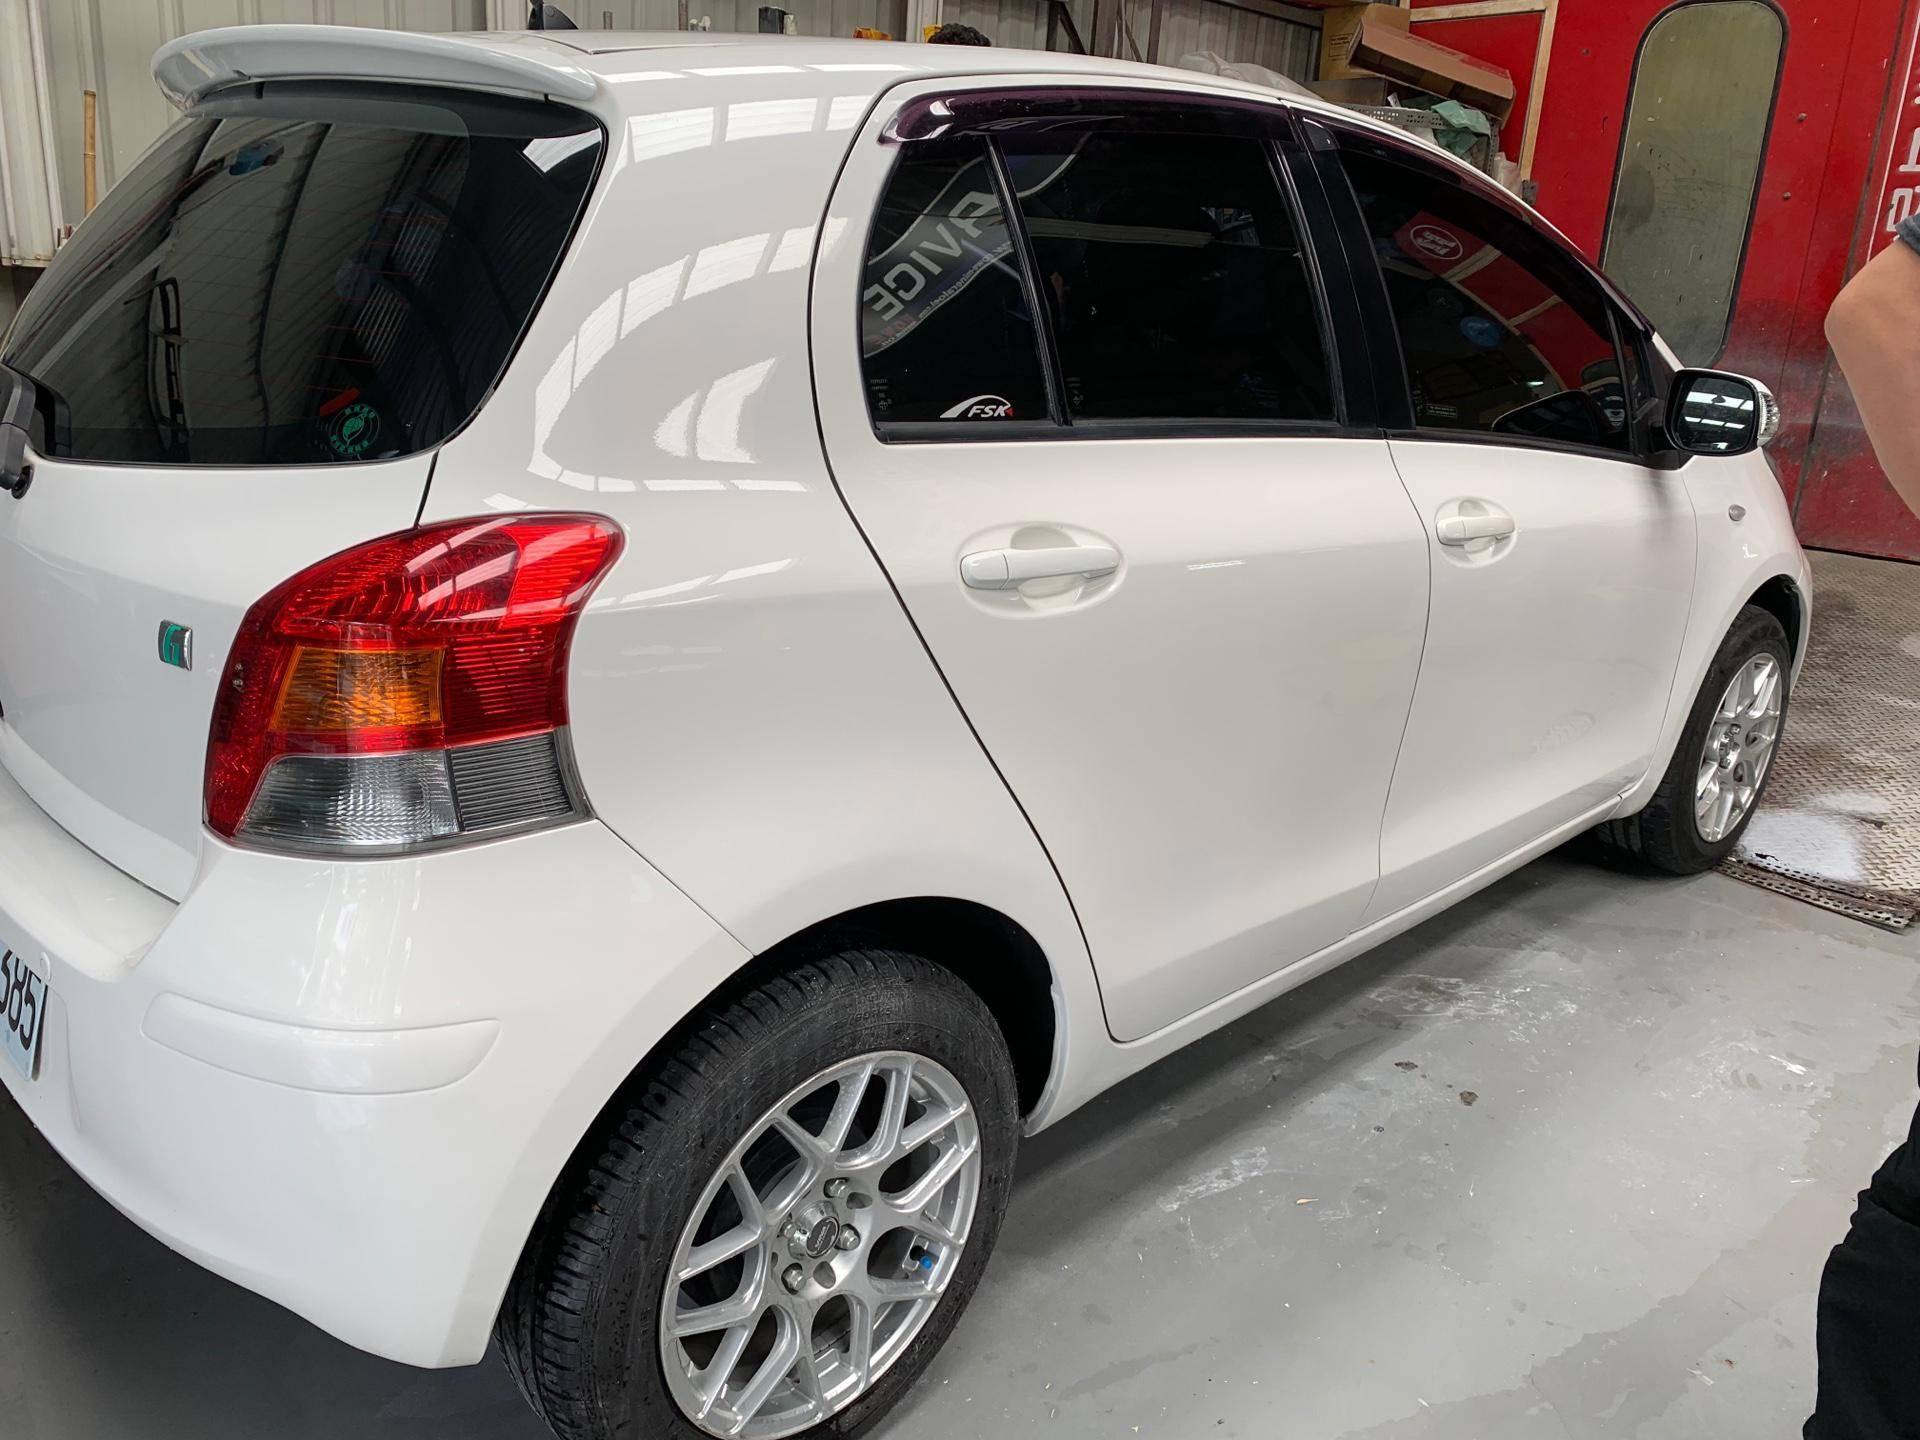 【振傑汽車】豐田/Toyota YARIS 車輛烤漆#車子擦撞#汽車鈑金#事故維修